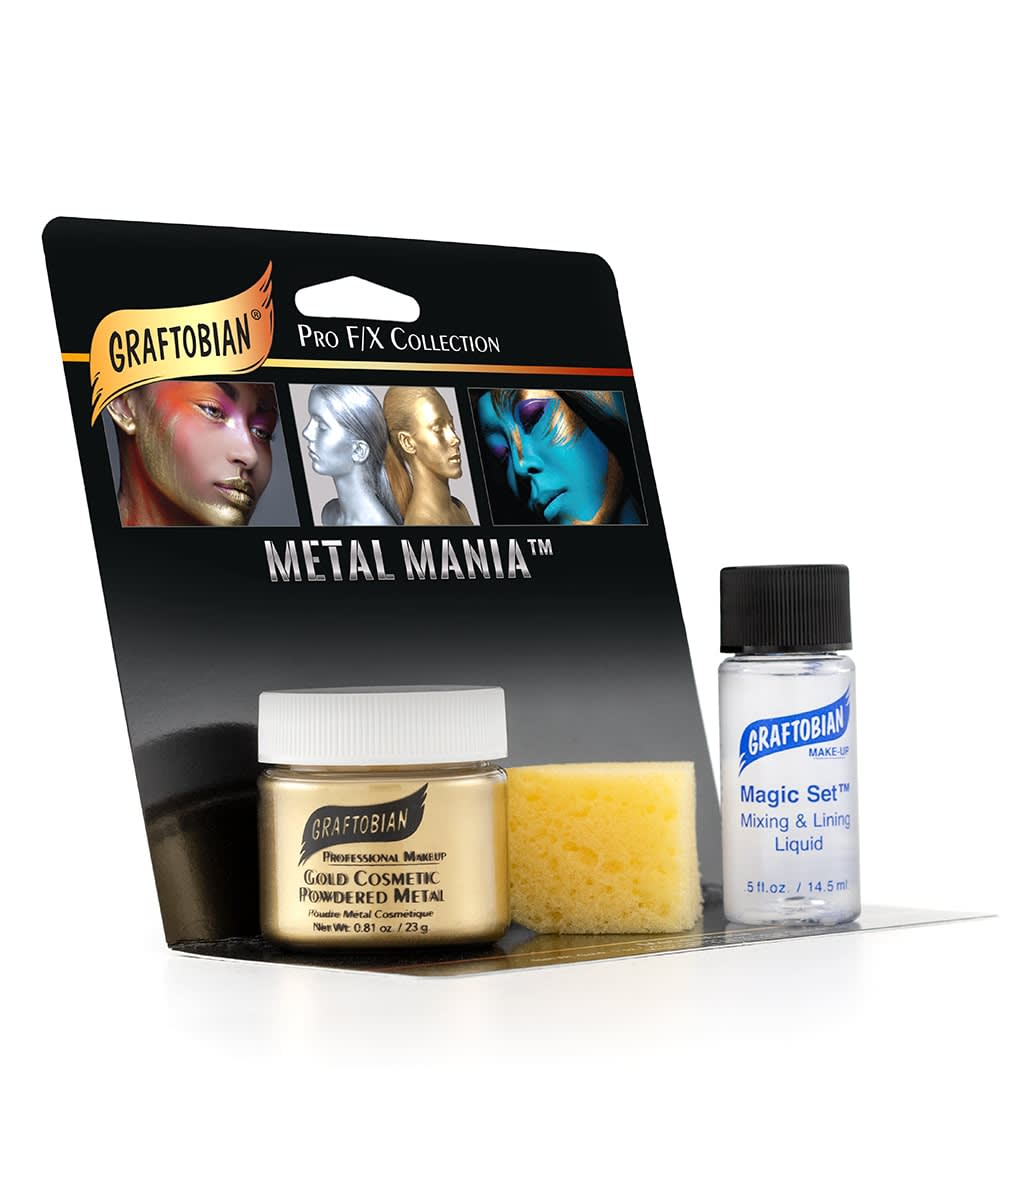 Metal Mania™ - Cosmetic Powdered Metals + Magic Set™